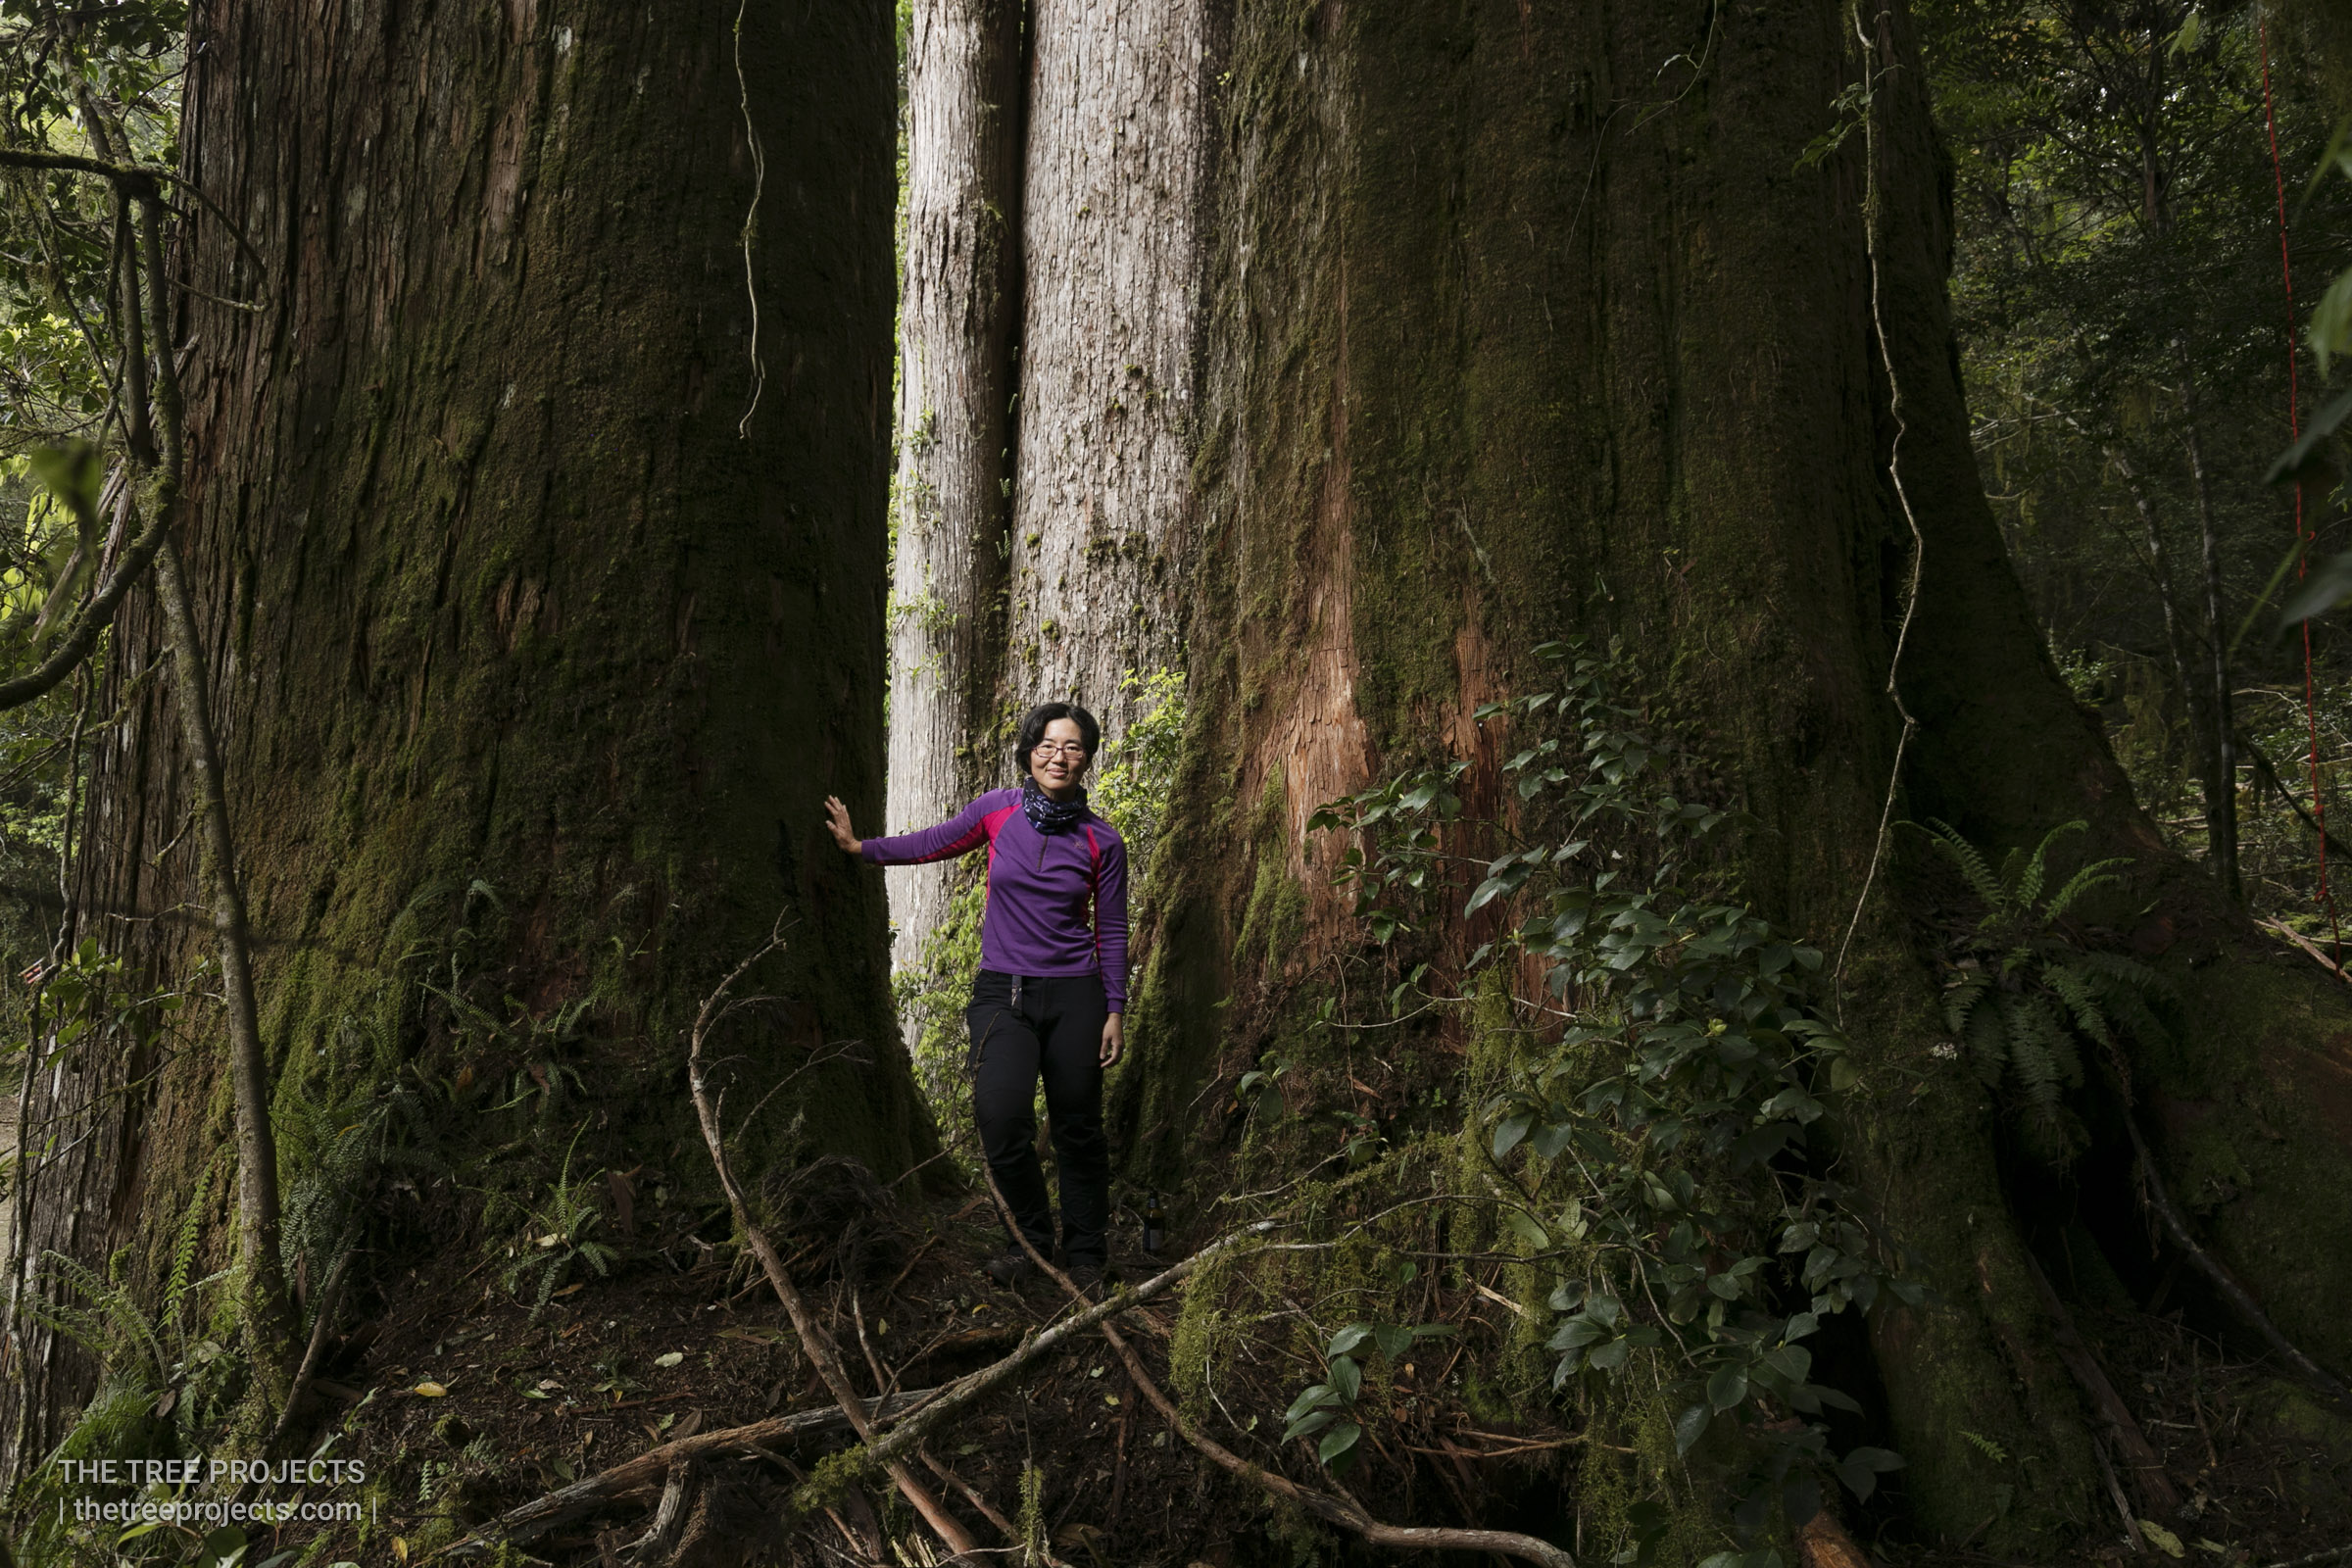 Taiwan-Tree-Project-20170506-_5D40025.jpg